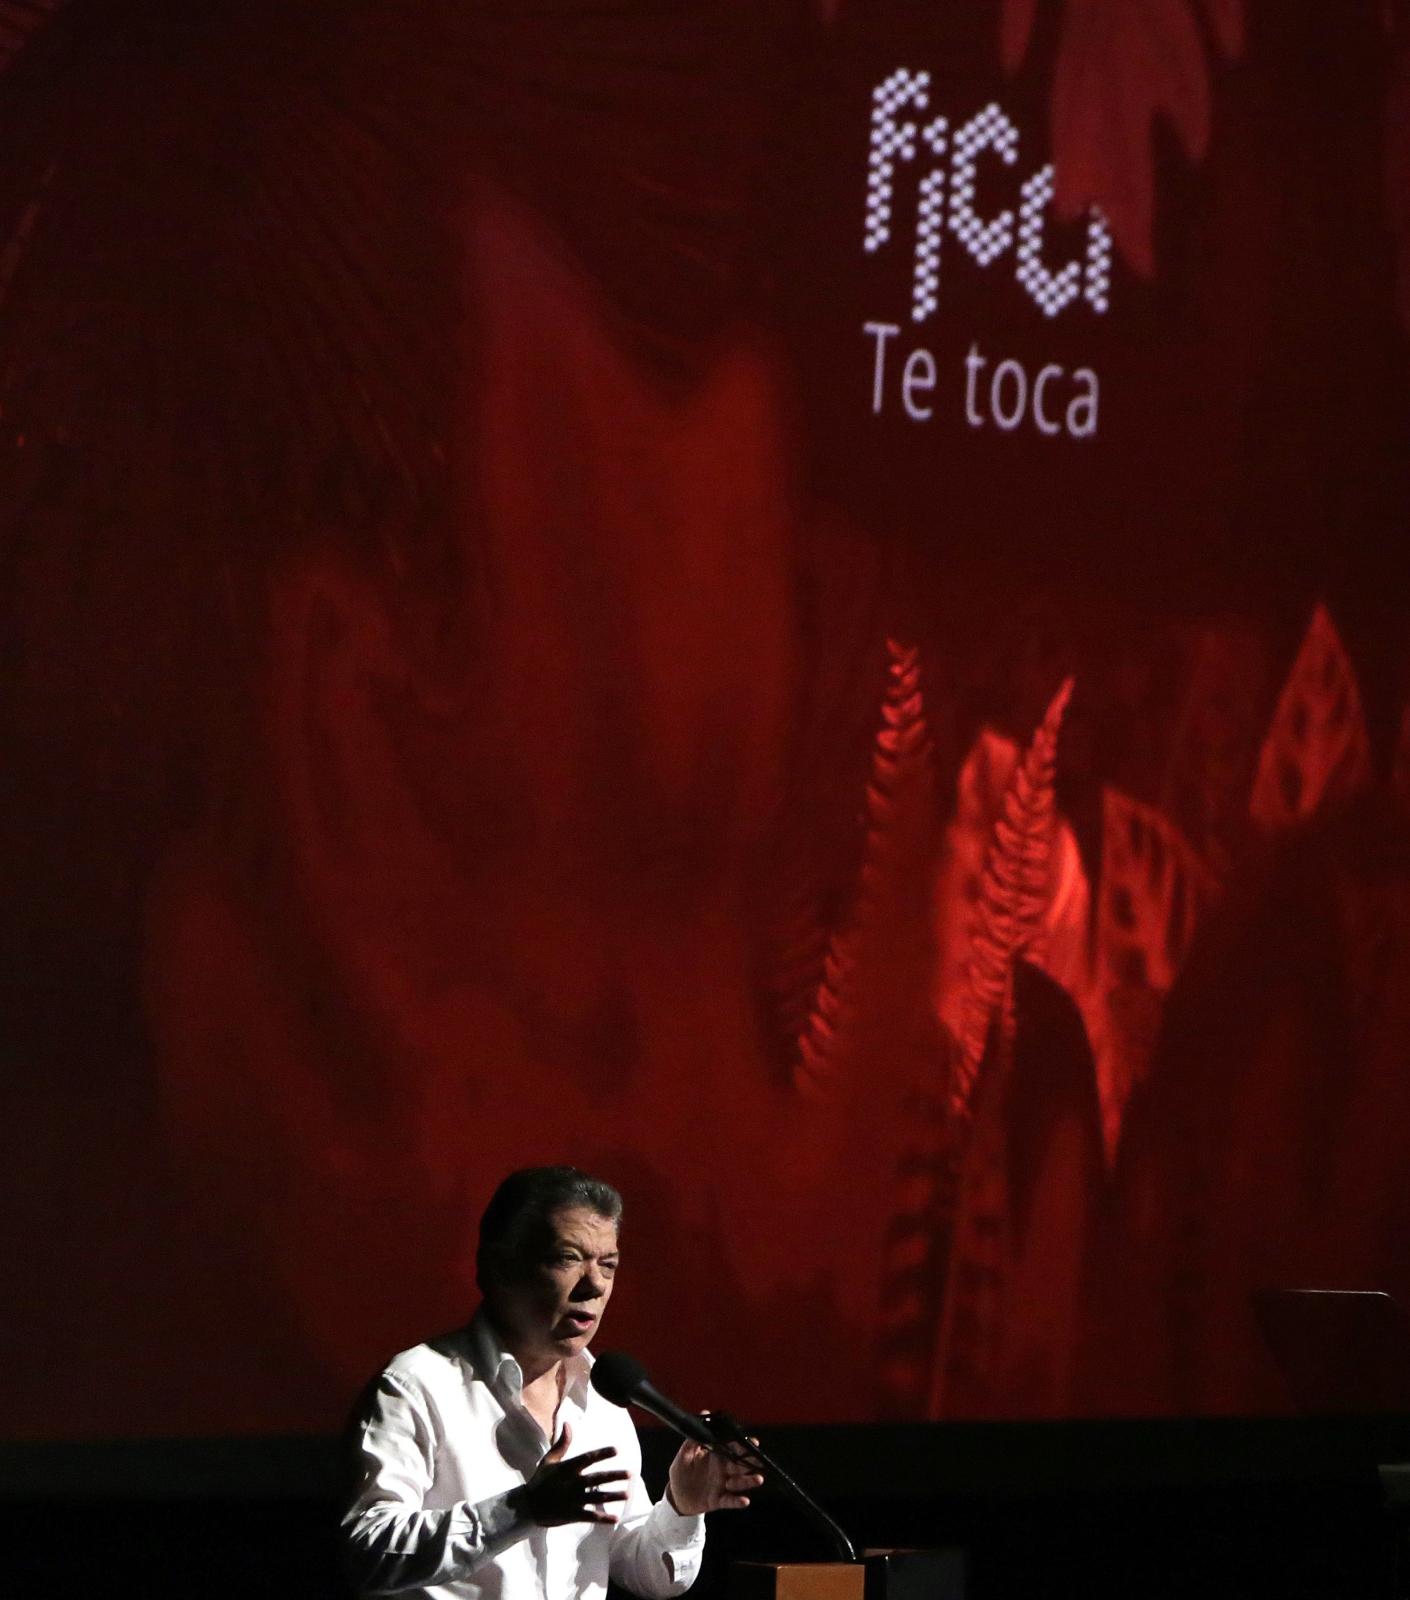 57. edycja Międzynarodowego Festiwalu Filmowego w Cartagenie de Indias w Kolumbii. Fot. PAP/EPA/RICARDO MALDONADO ROZO